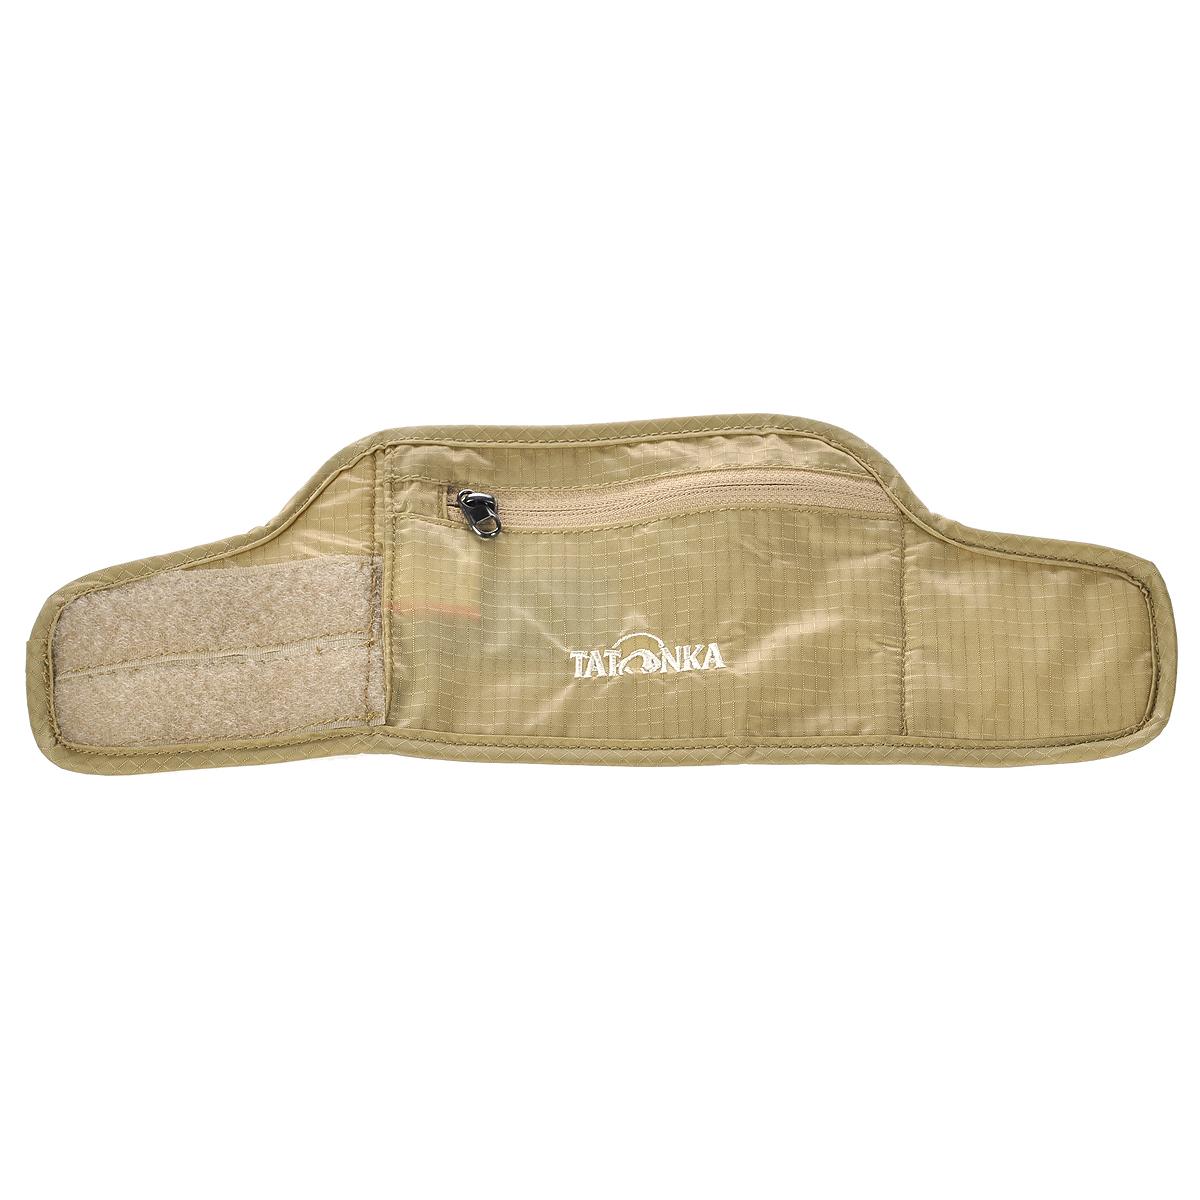 Кошелек на запястье Tatonka Skin Wrist Wallet, потайной, цвет: бежевый2855.225Потайной кошелек на запястье Skin Wrist Wallet легко накладывается на руку посредством липучки и приятен для кожи. Кошелек имеет одно отделение на застежке-молнии. С обратной стороны он дополнен специальной комфортной подкладкой из мягкого материала, которая не раздражает кожу. Материал: 210T Nylon Rip Stop.